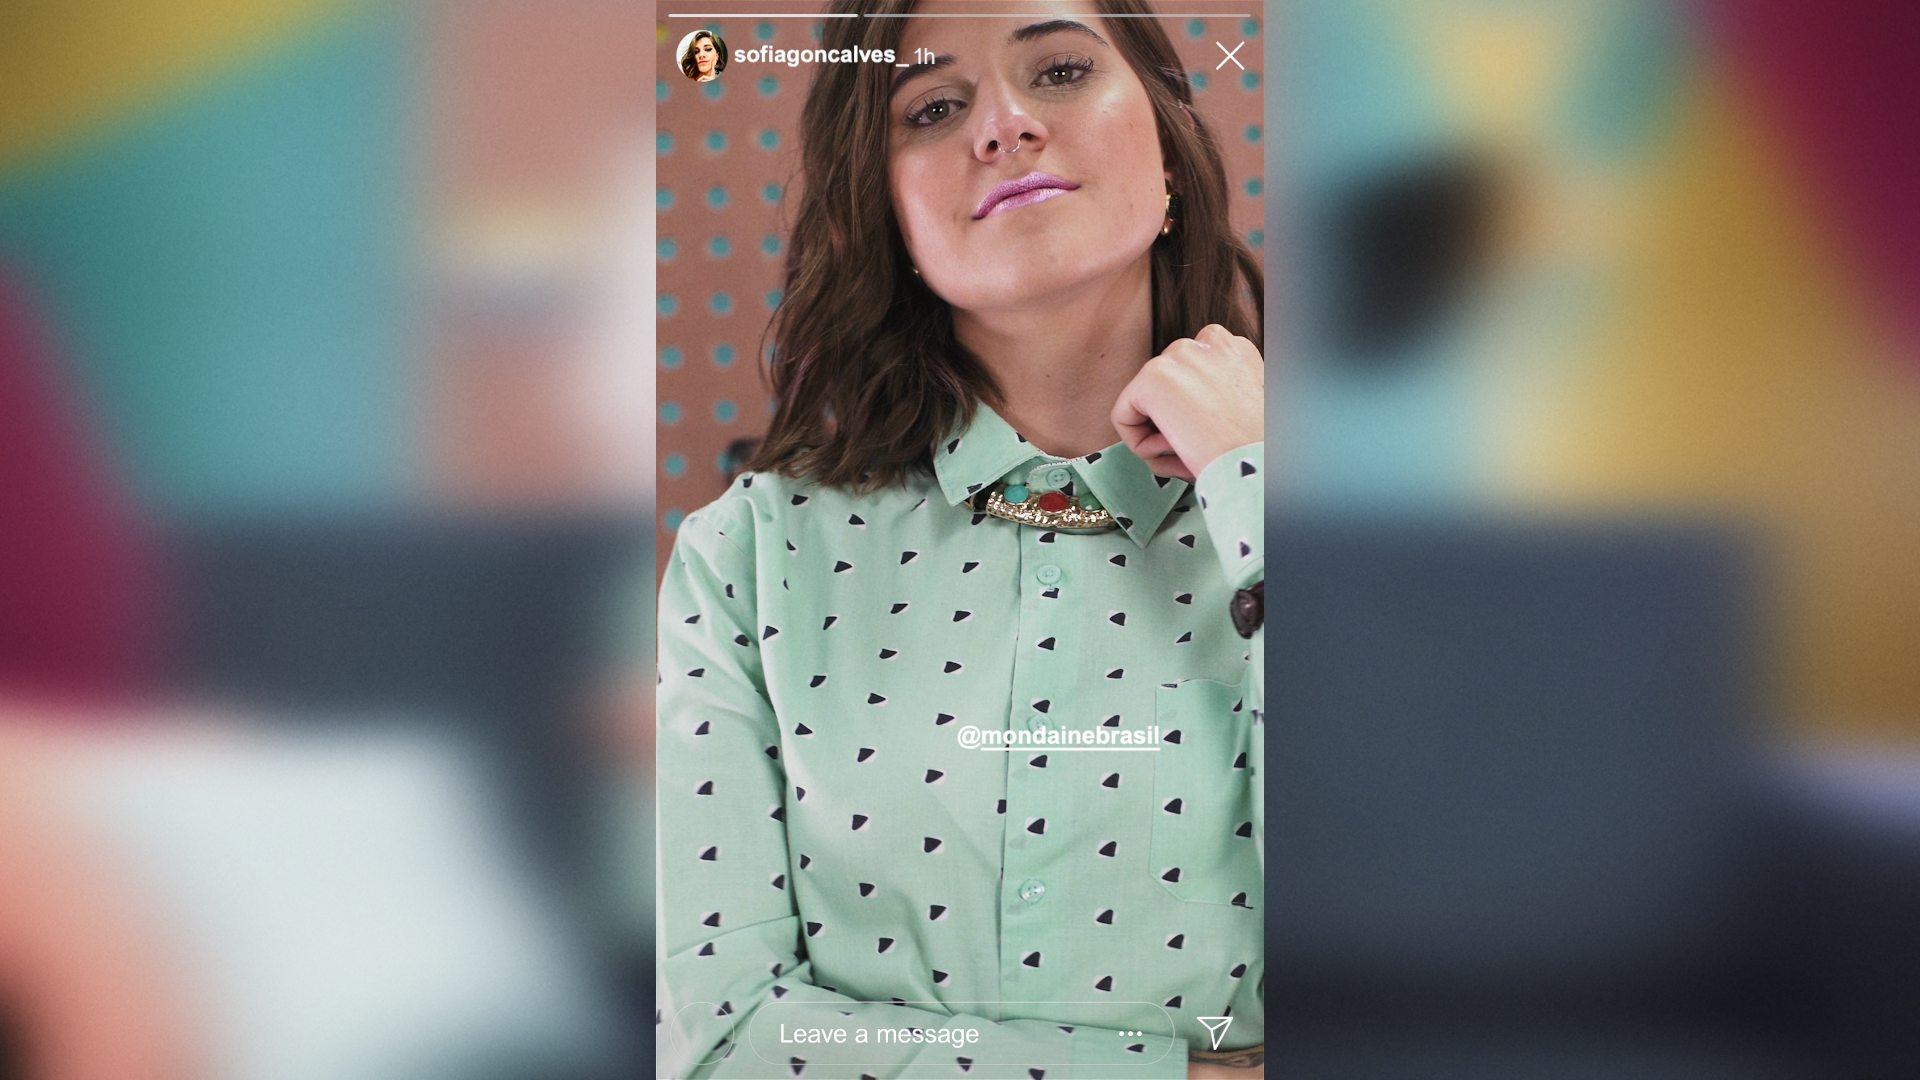 PRE EDIT MONDAINE CAMISA BOTAO V01 compressed - Como usar sua camisa de botão de 6 formas BEM diferentes? Veja no vídeo do Ouse Todo Dia!